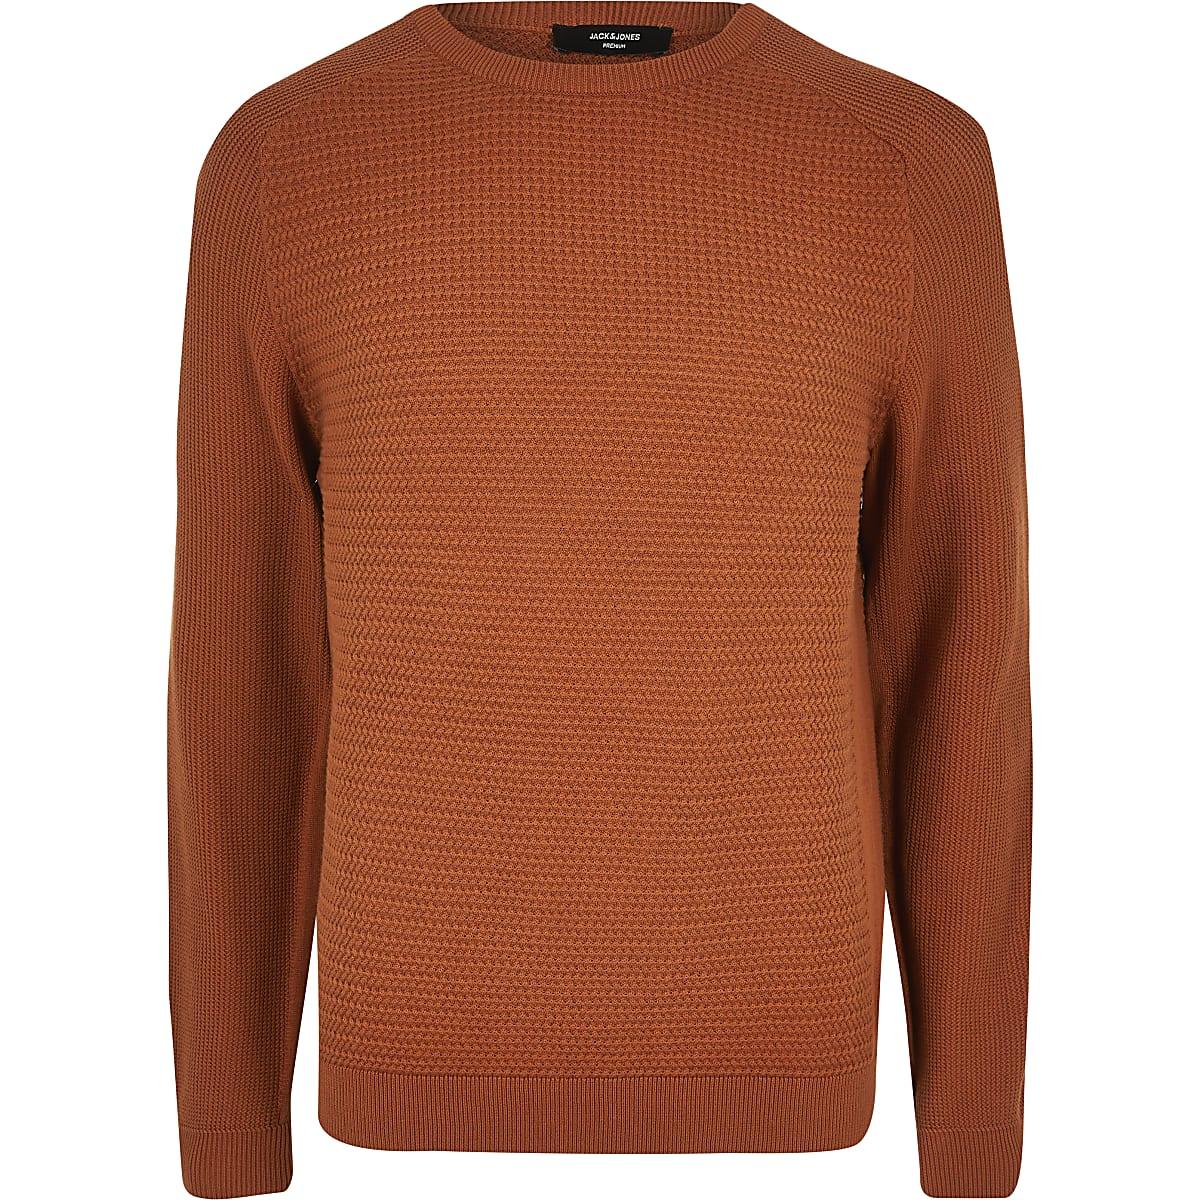 Jack and Jones orange knitted jumper